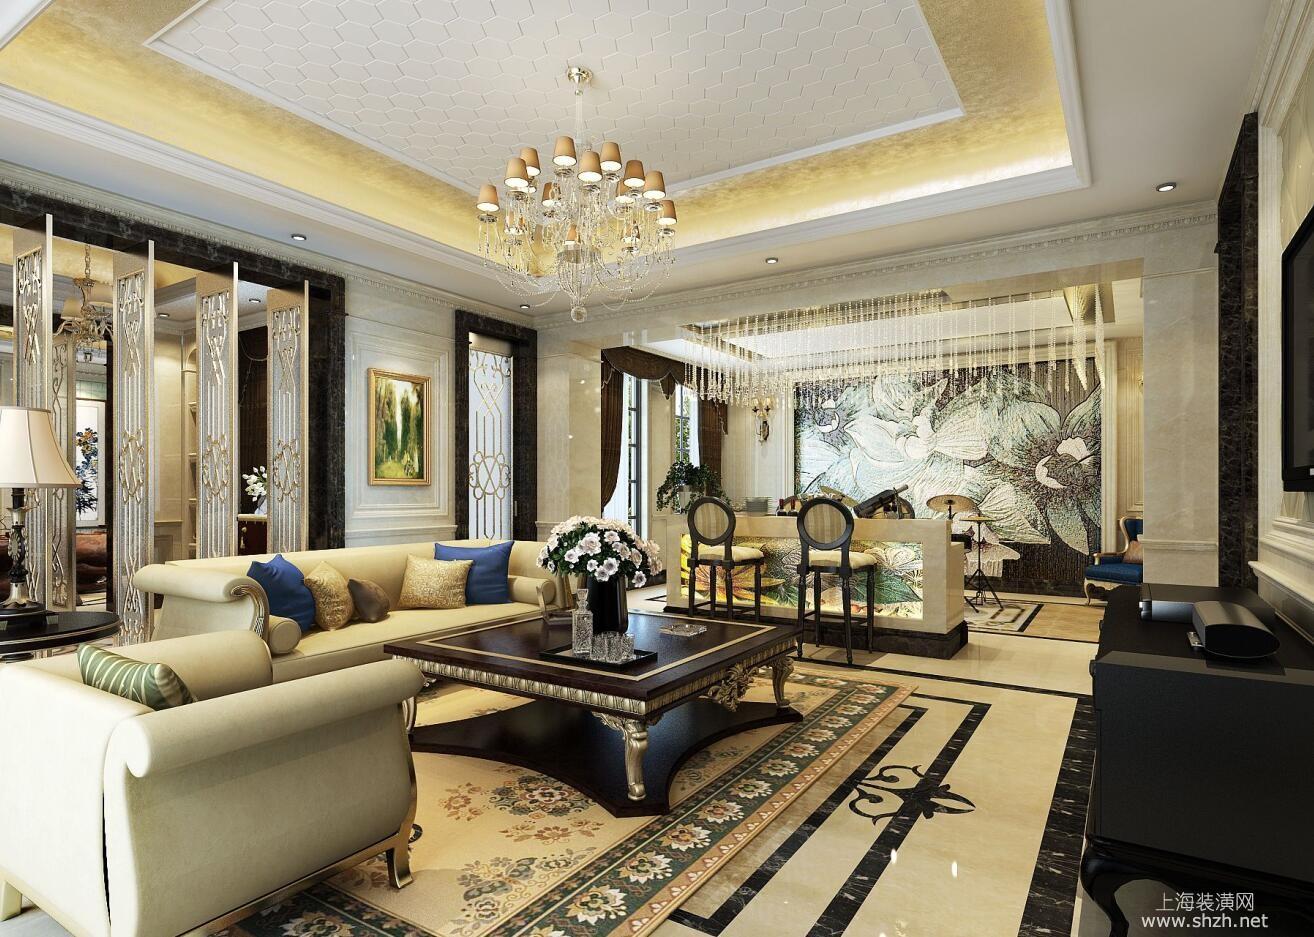 绿地海珀晶华别墅装修欧式古典风格设计